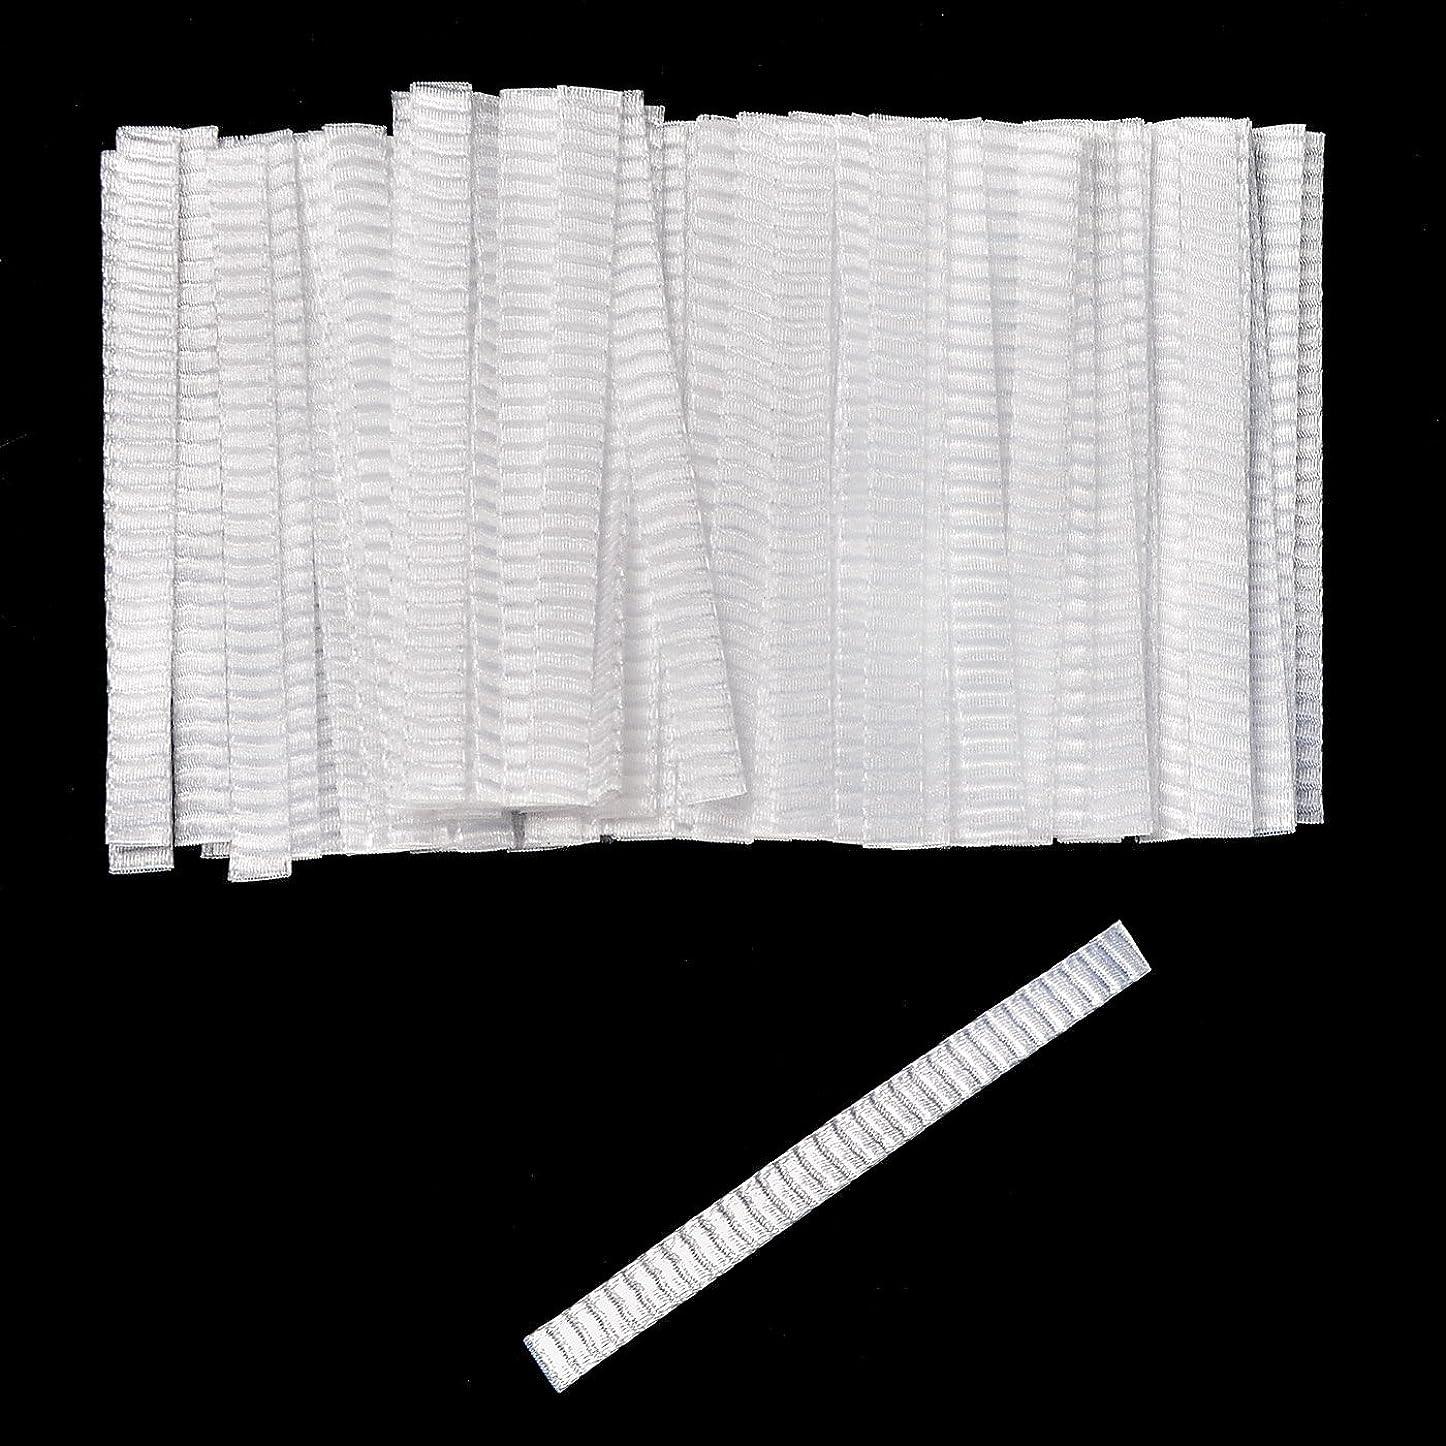 深い良い麻痺させる100個 化粧ブラシ メッシュネット カバー 分岐を防ぐ 防塵 ブラシ保護 弾性力強い